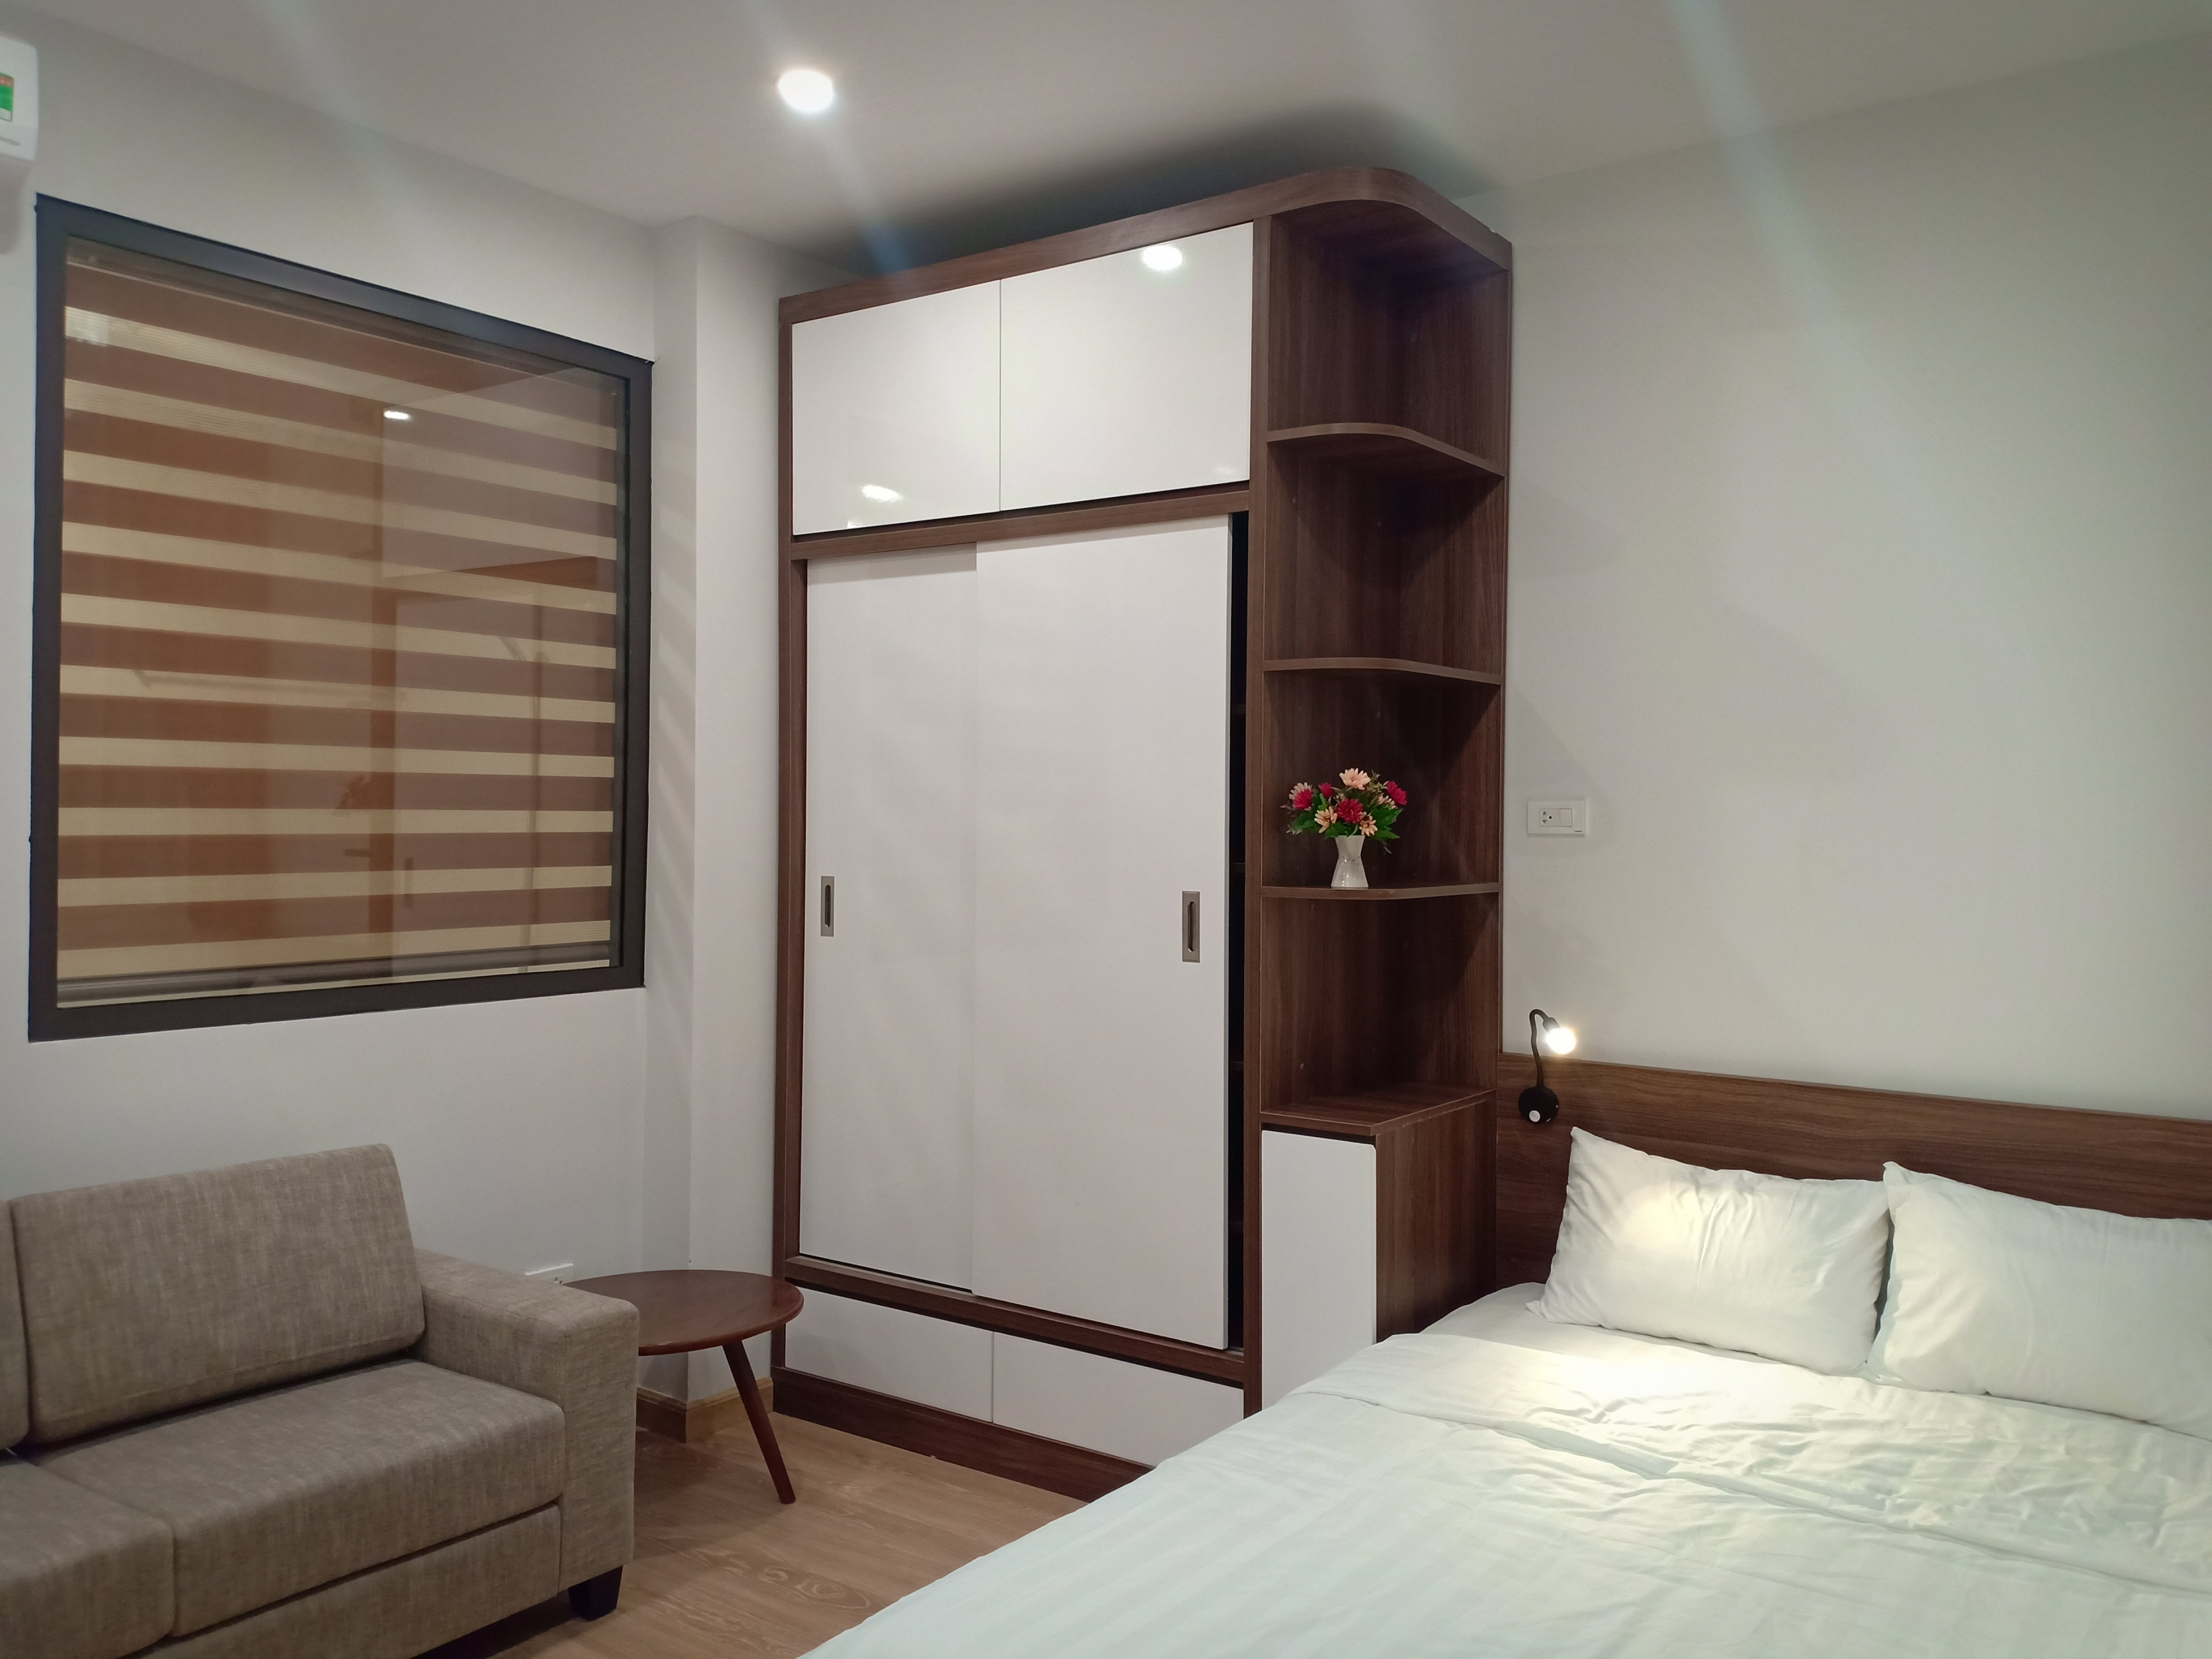 Miễn phí 3 tháng tiền điện, cho thuê CHDV mới đẹp ở gần IPH Thiên đường dành cho khách độc thân tại - Ảnh 2